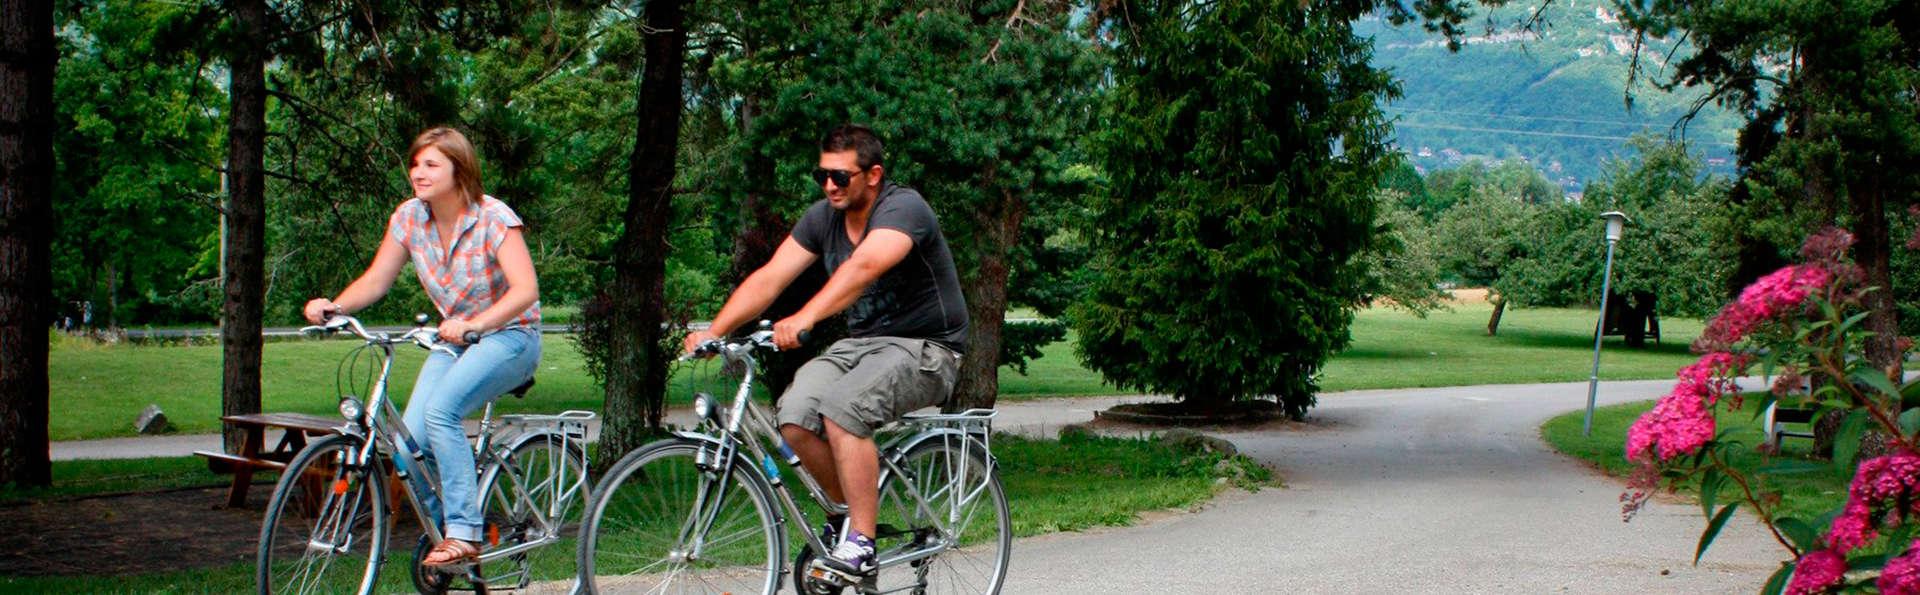 Ternélia - Village Vacances Le Pré du Lac d'Annecy - EDIT_bikes.jpg